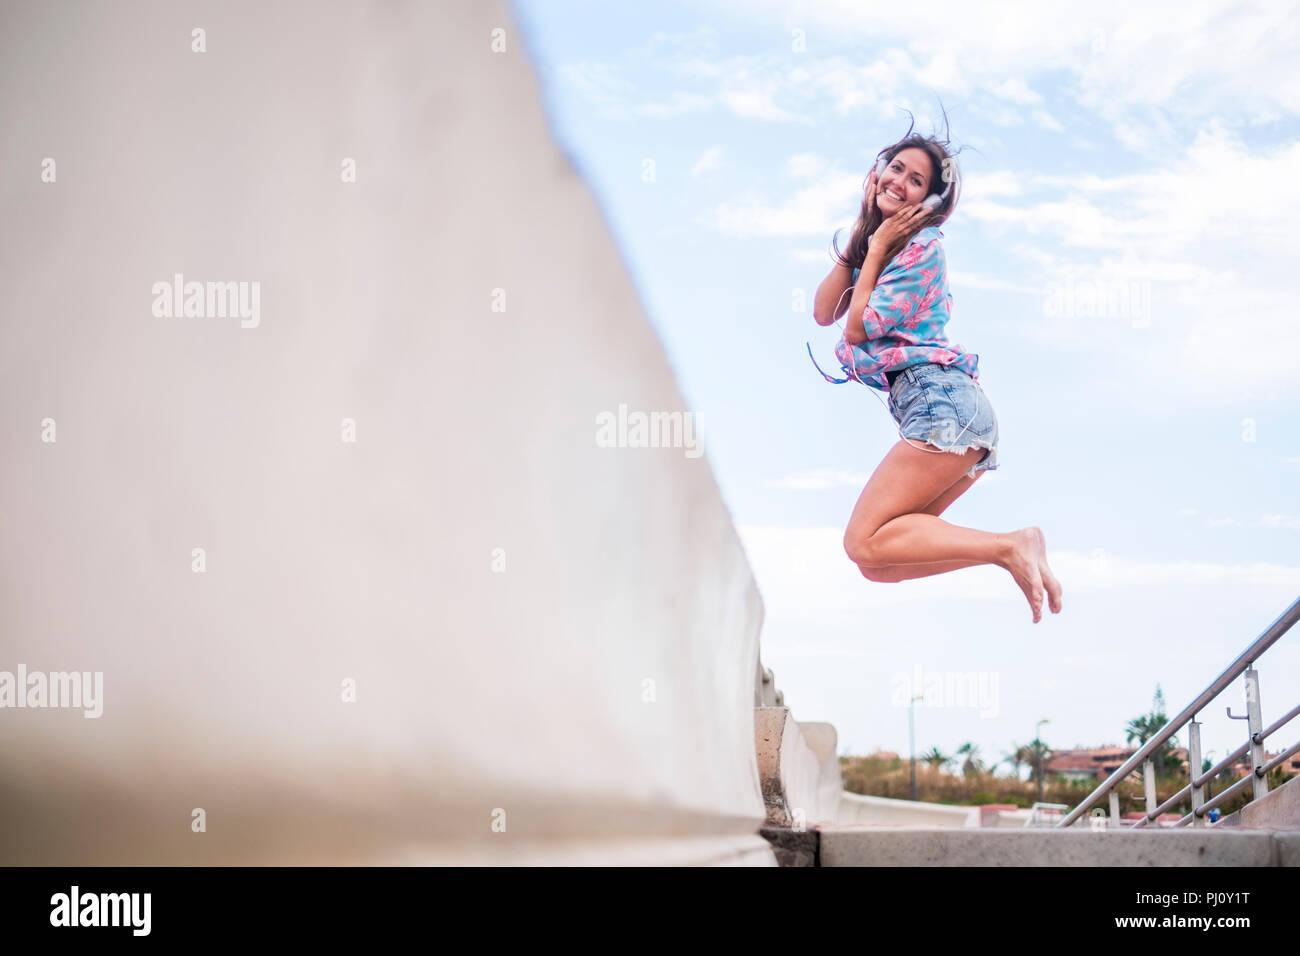 Glück Konzept mit junge schöne Mädchen springen mit Freude gegen einen weißen Himmel blau Hintergrund. Meer Seite legen. Fröhliche kaukasische Frau lächeln ein Stockbild